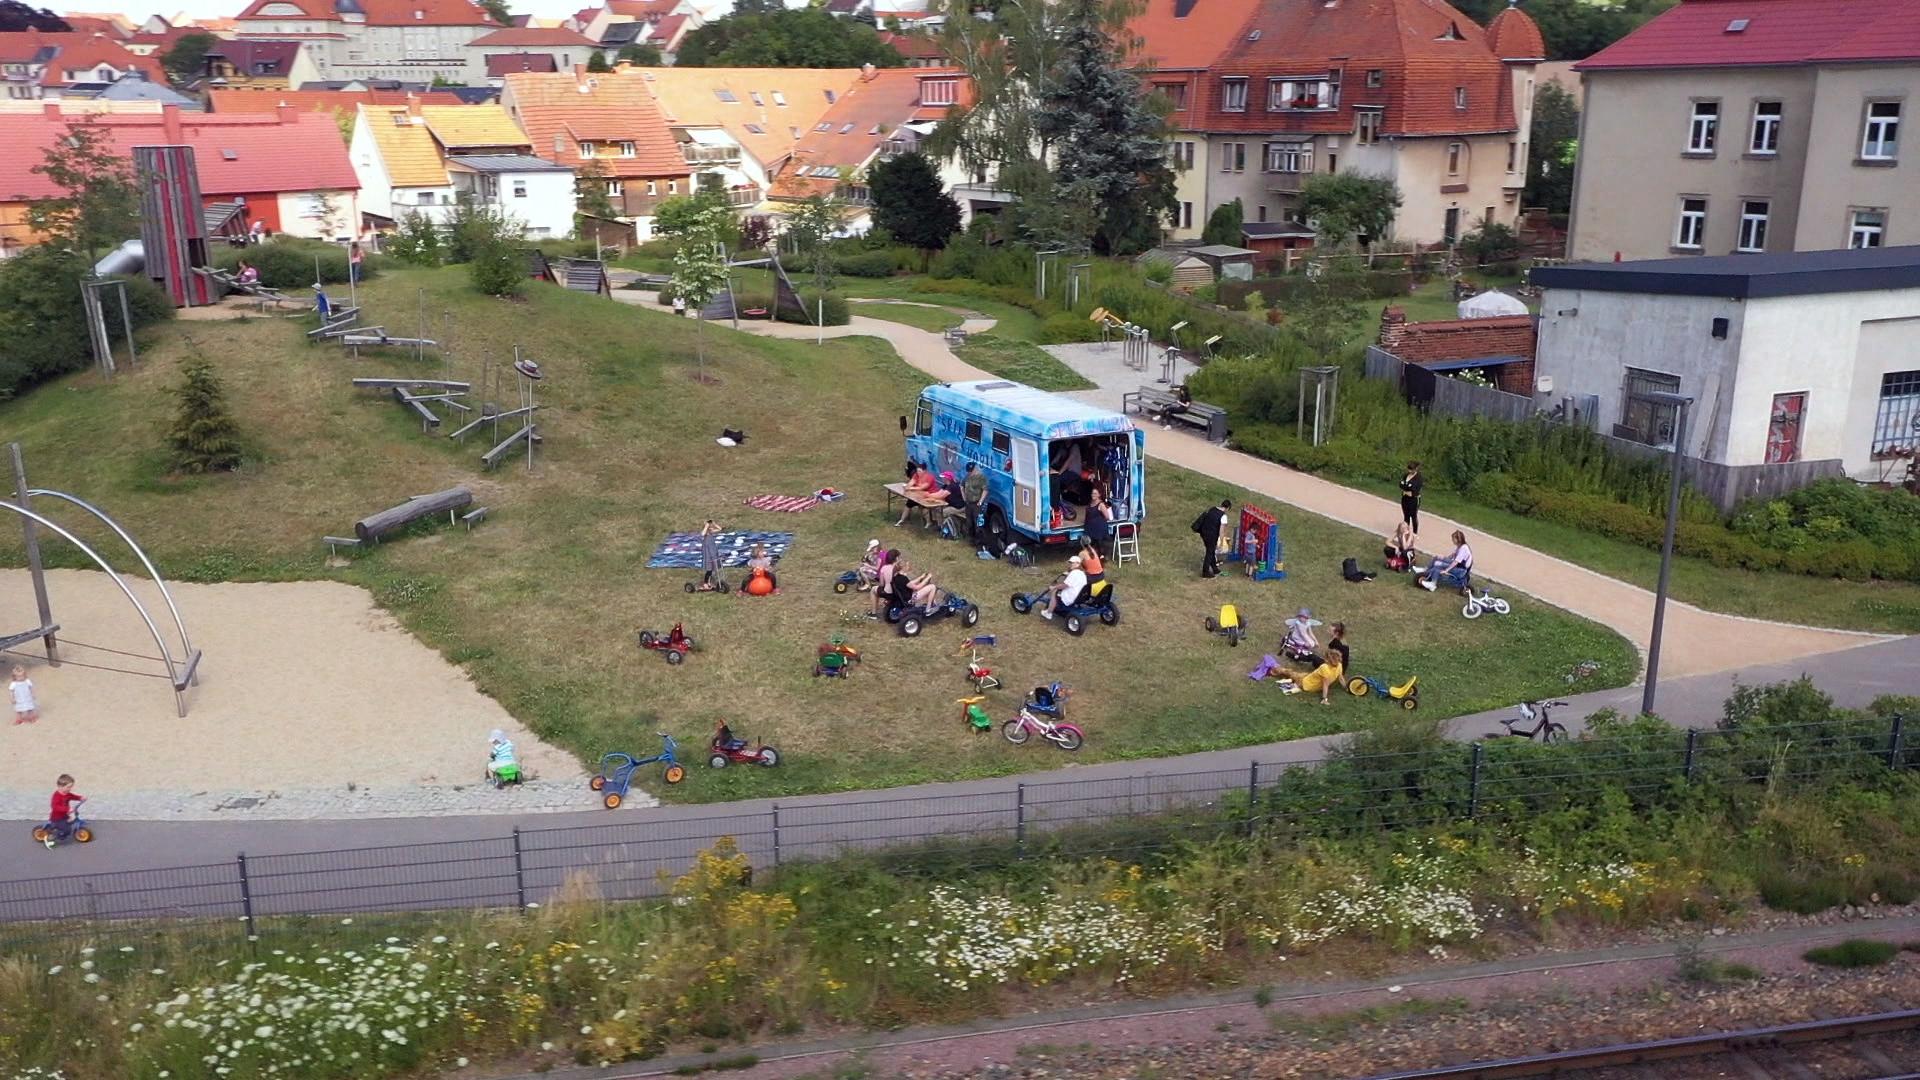 Das Spielmobil ist ein betreuter mobiler Spielplatz und eine Alternative zur konsumorientierten Freizeitgestaltung. Bild: Deutsche Fernsehlotterie